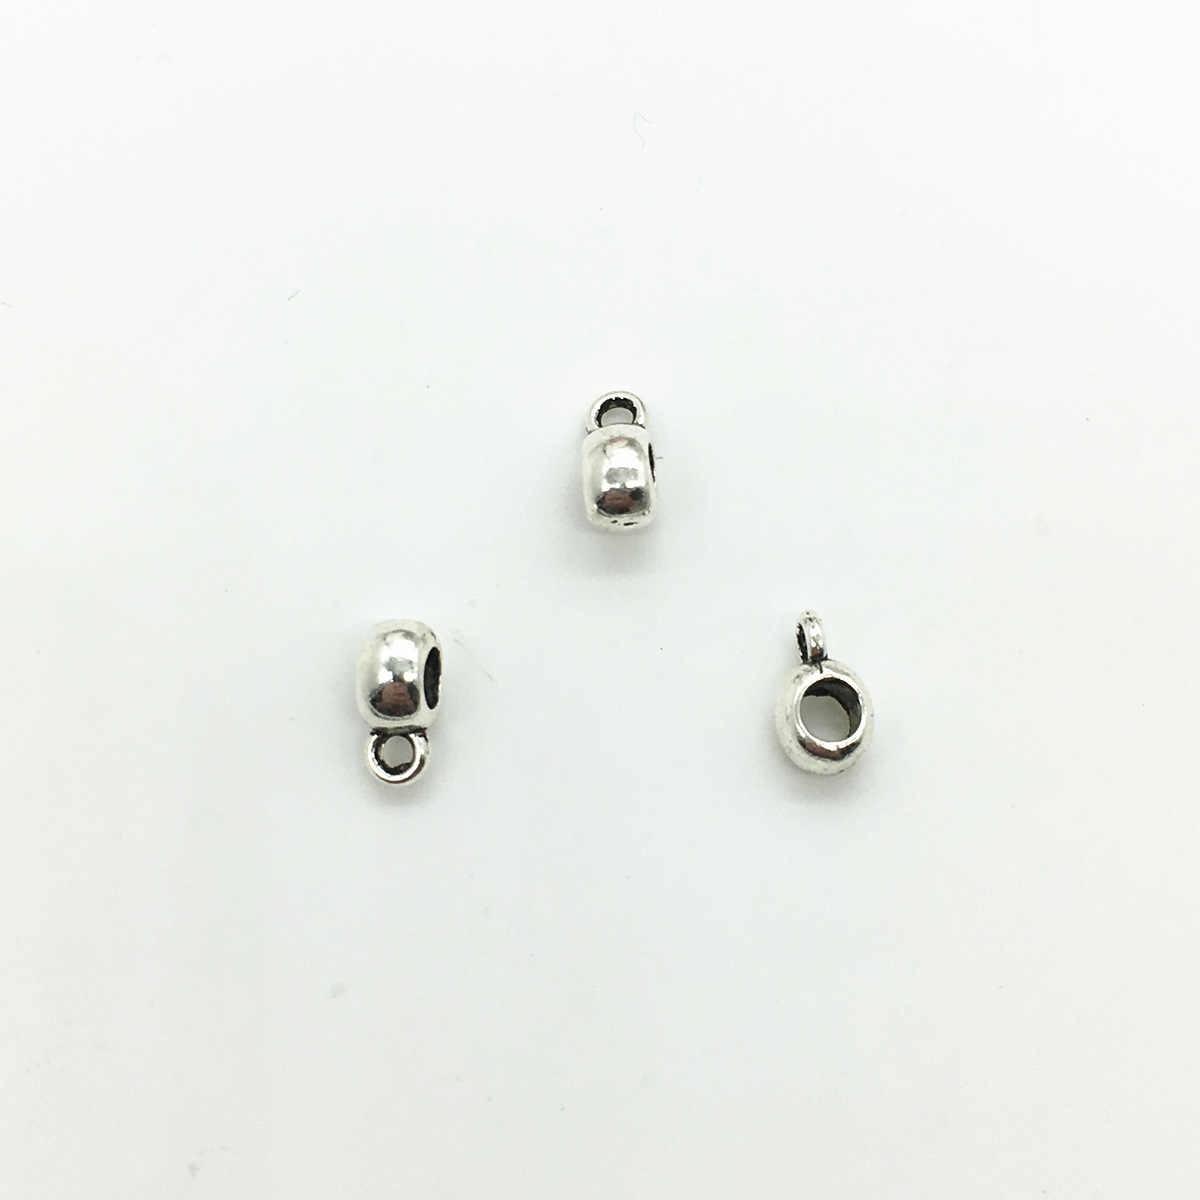 30 ชิ้น/ล็อตโบราณเงินลูกปัด 4*5*3mm Tassels End Caps Fit DIY ทำด้วยมือหนังสร้อยคอเครื่องประดับทำผลการค้นหา